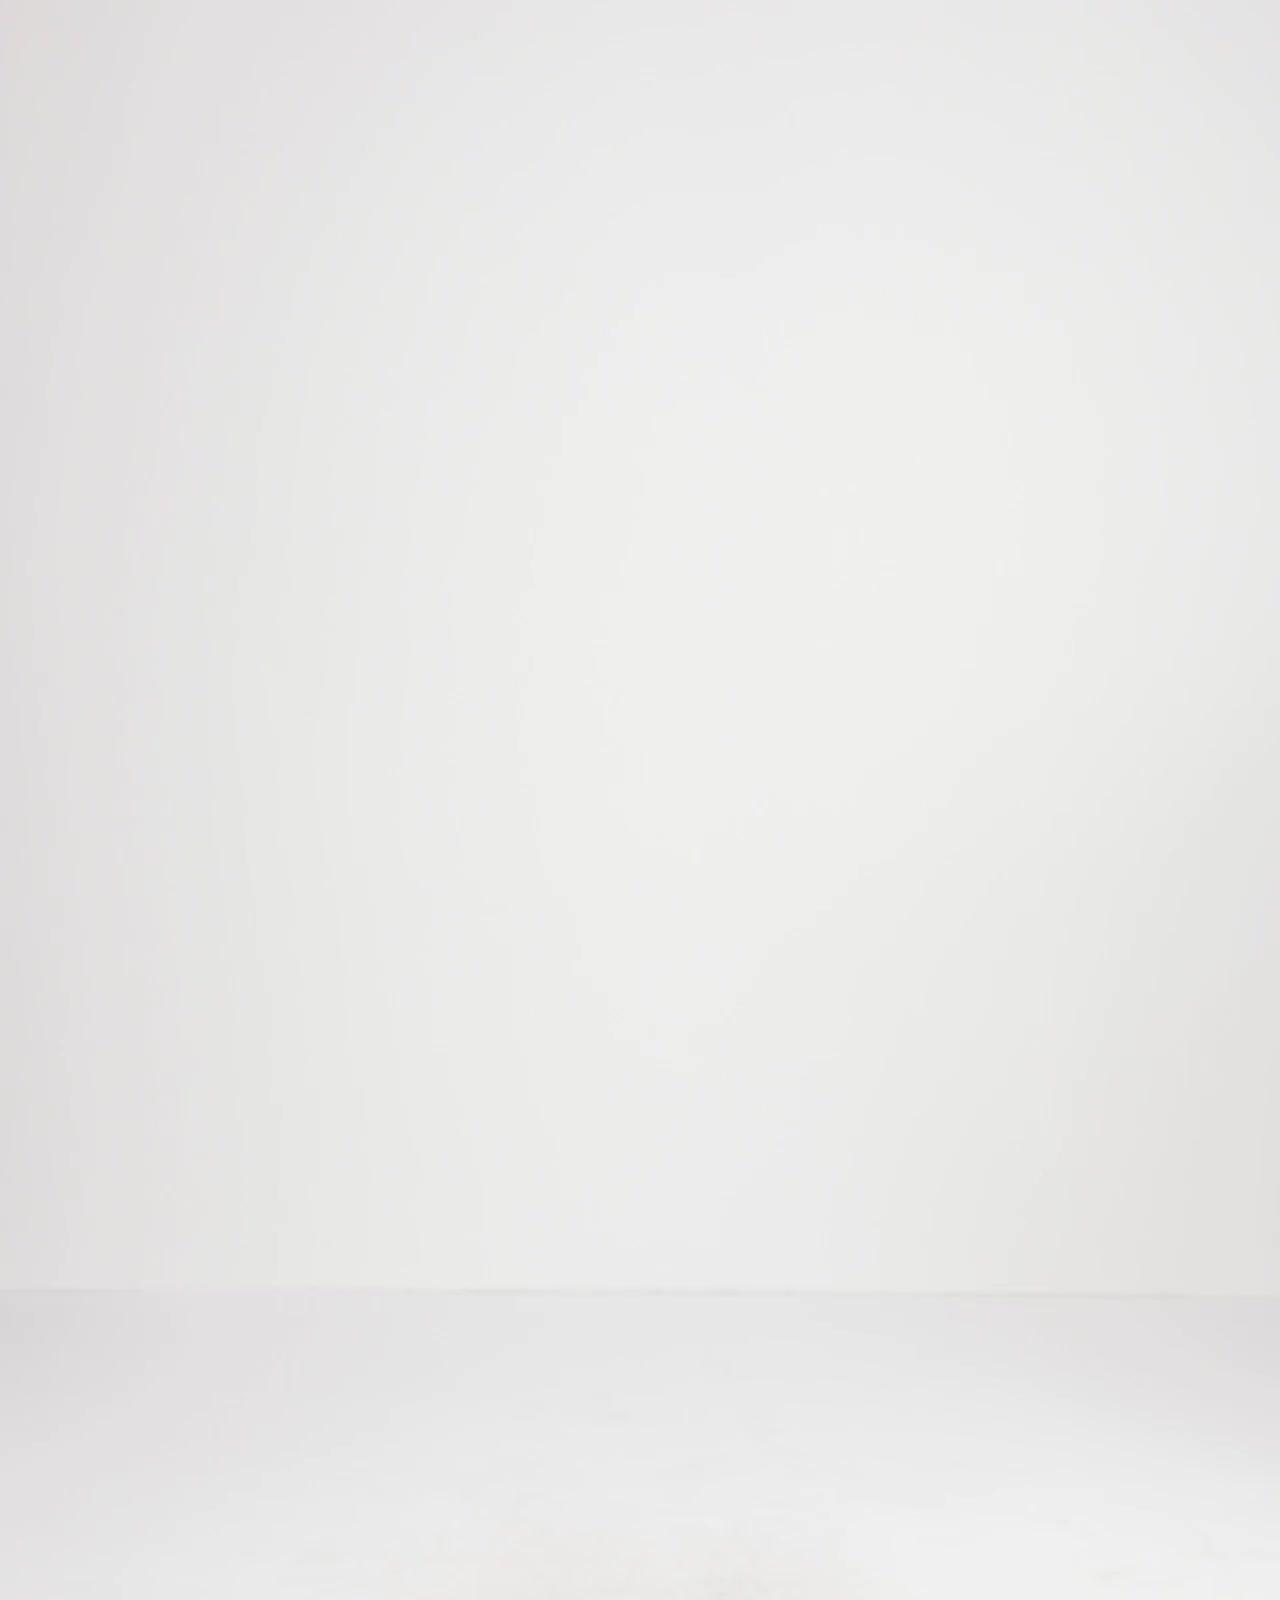 Euclid Blazer in Paper Nylon